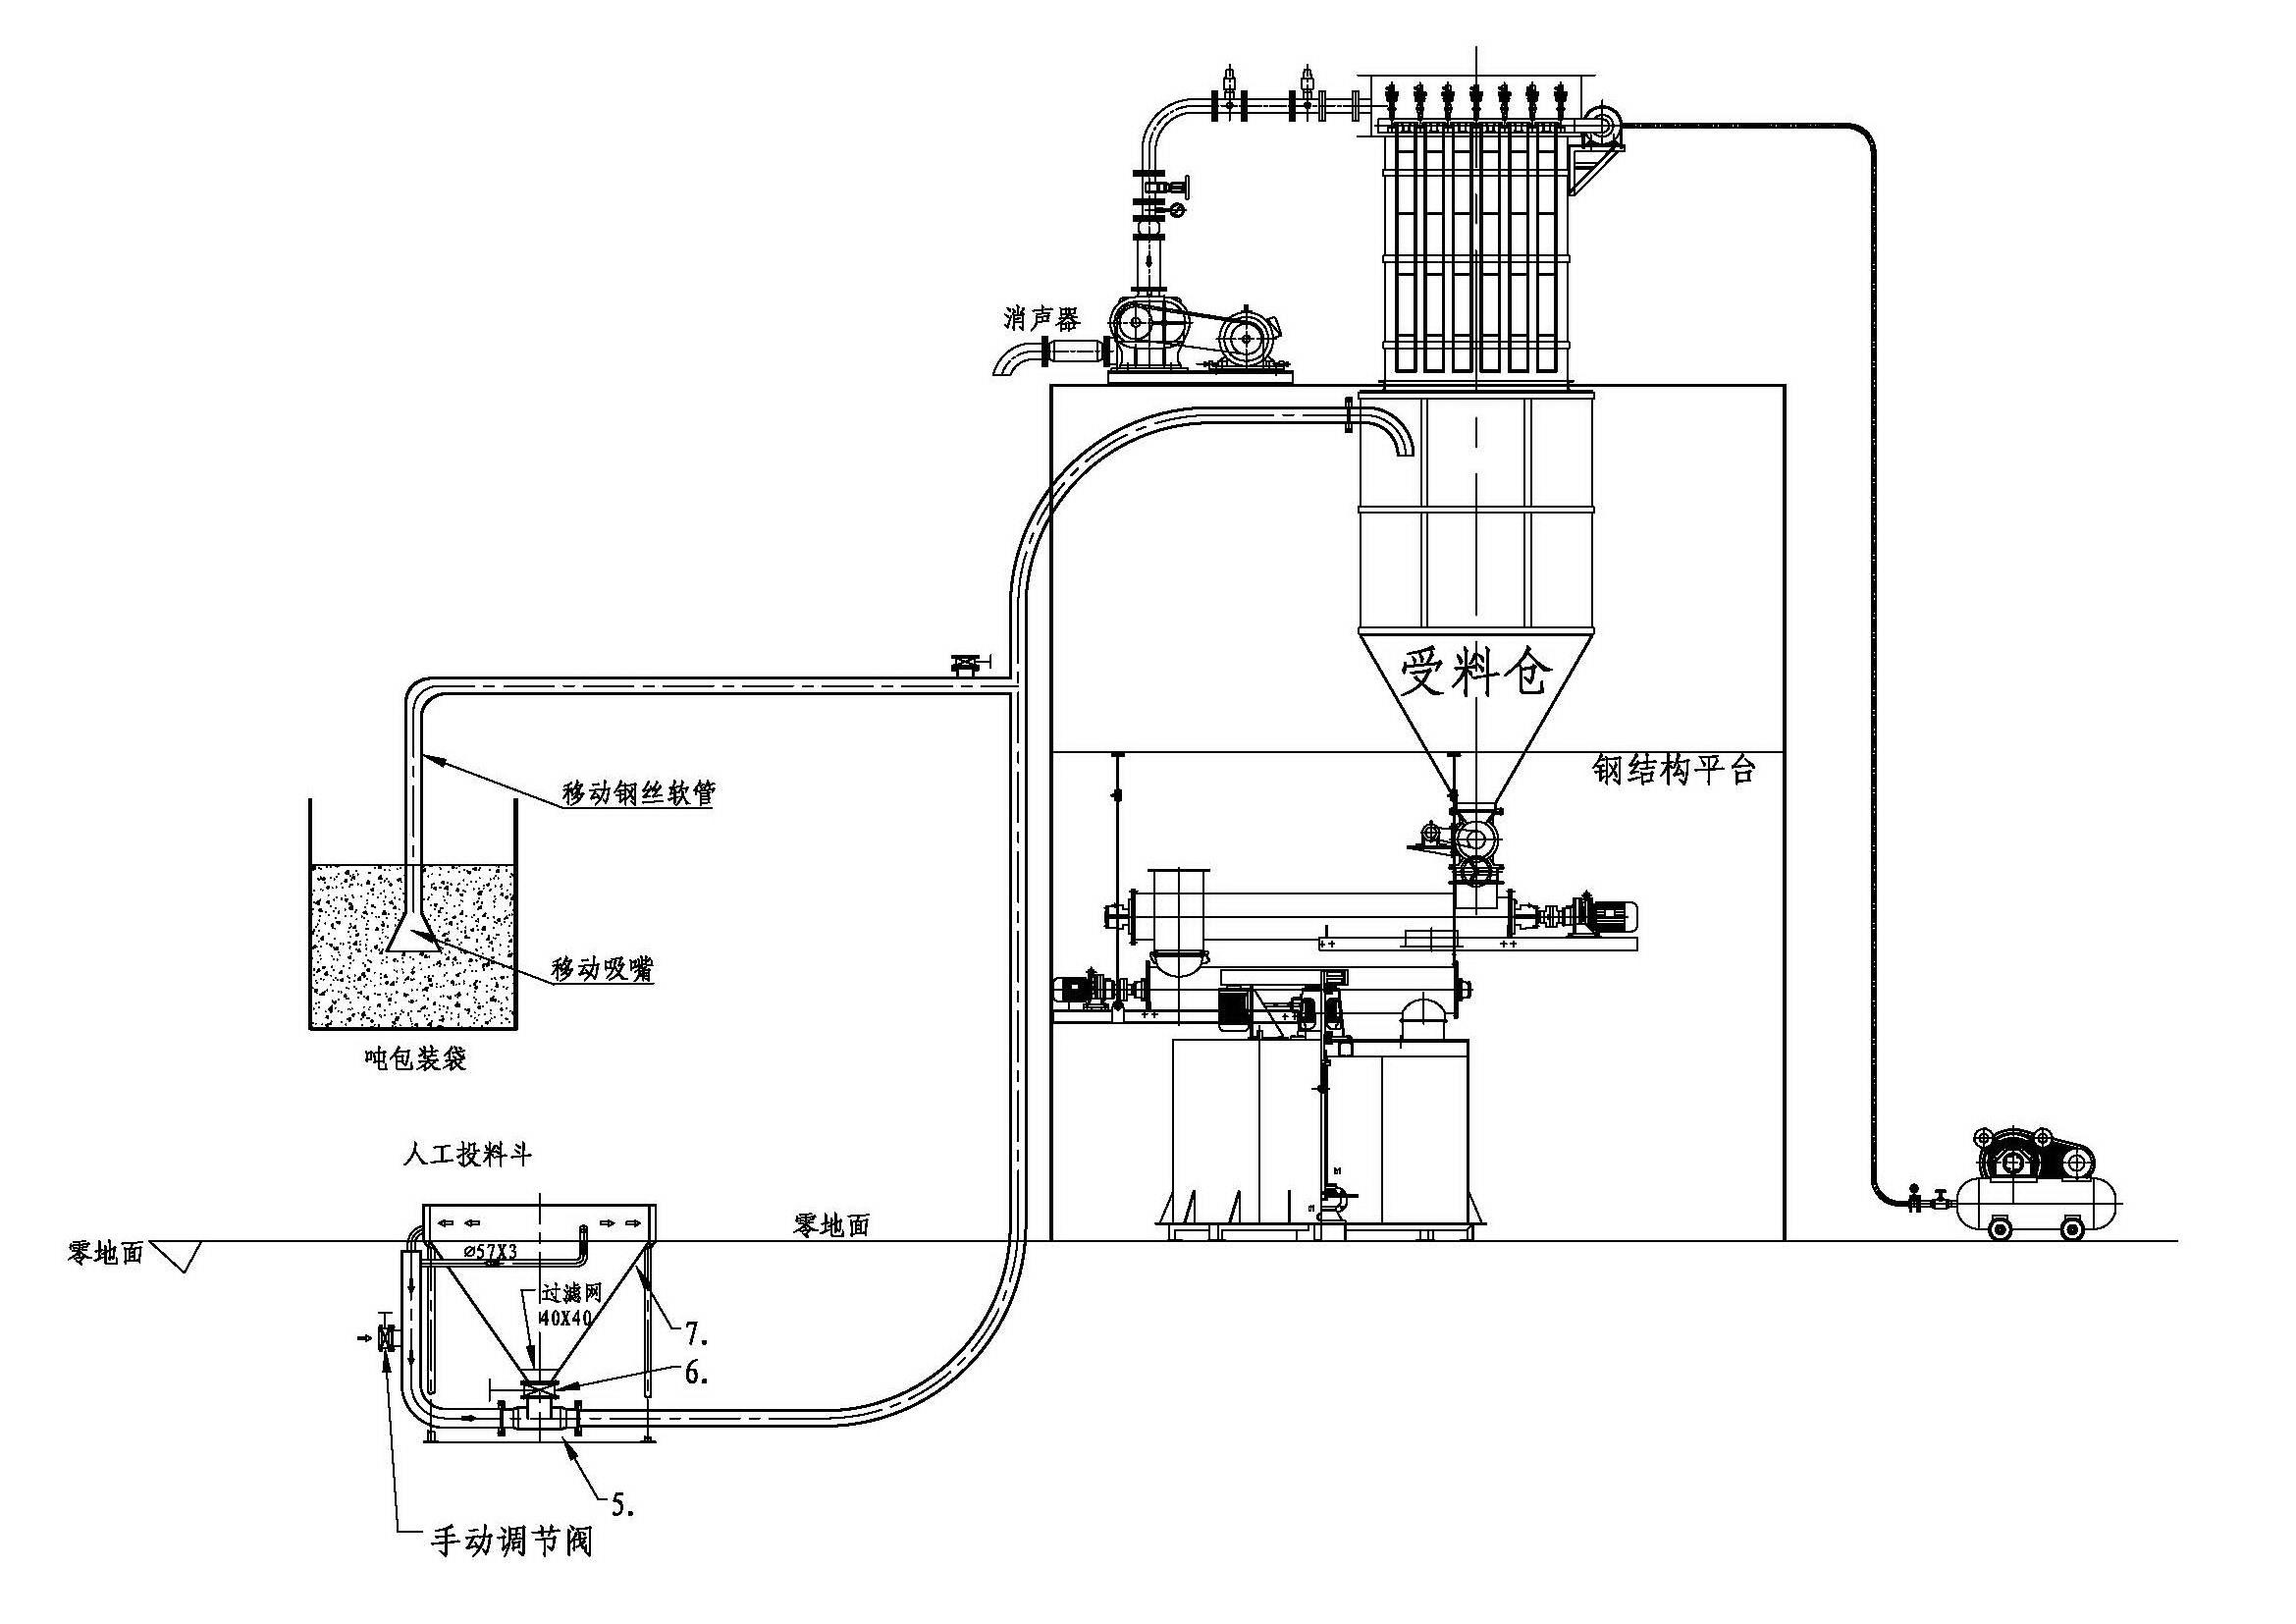 负压吸送泵吸送式气力输灰系统